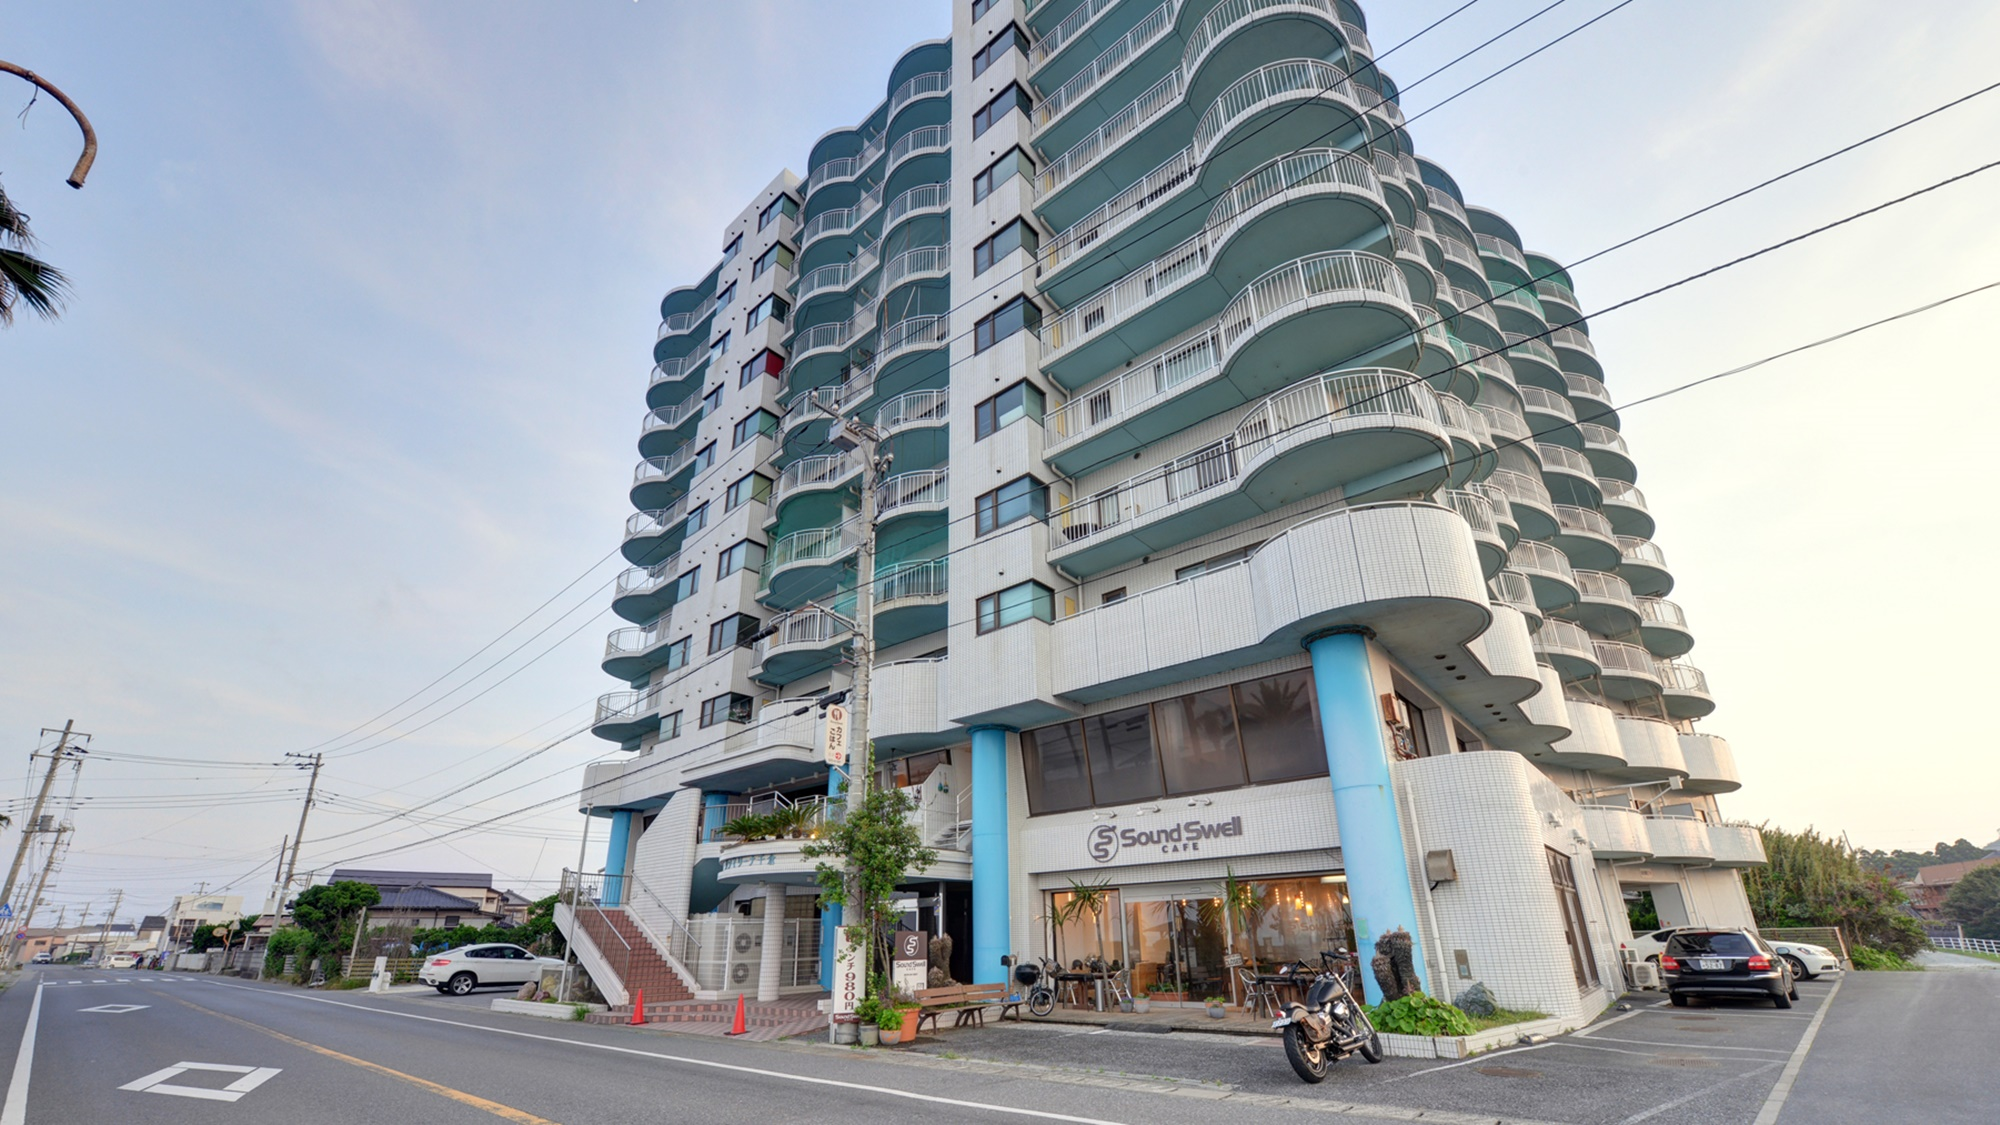 海辺の町 千倉 Sound Swell Resort